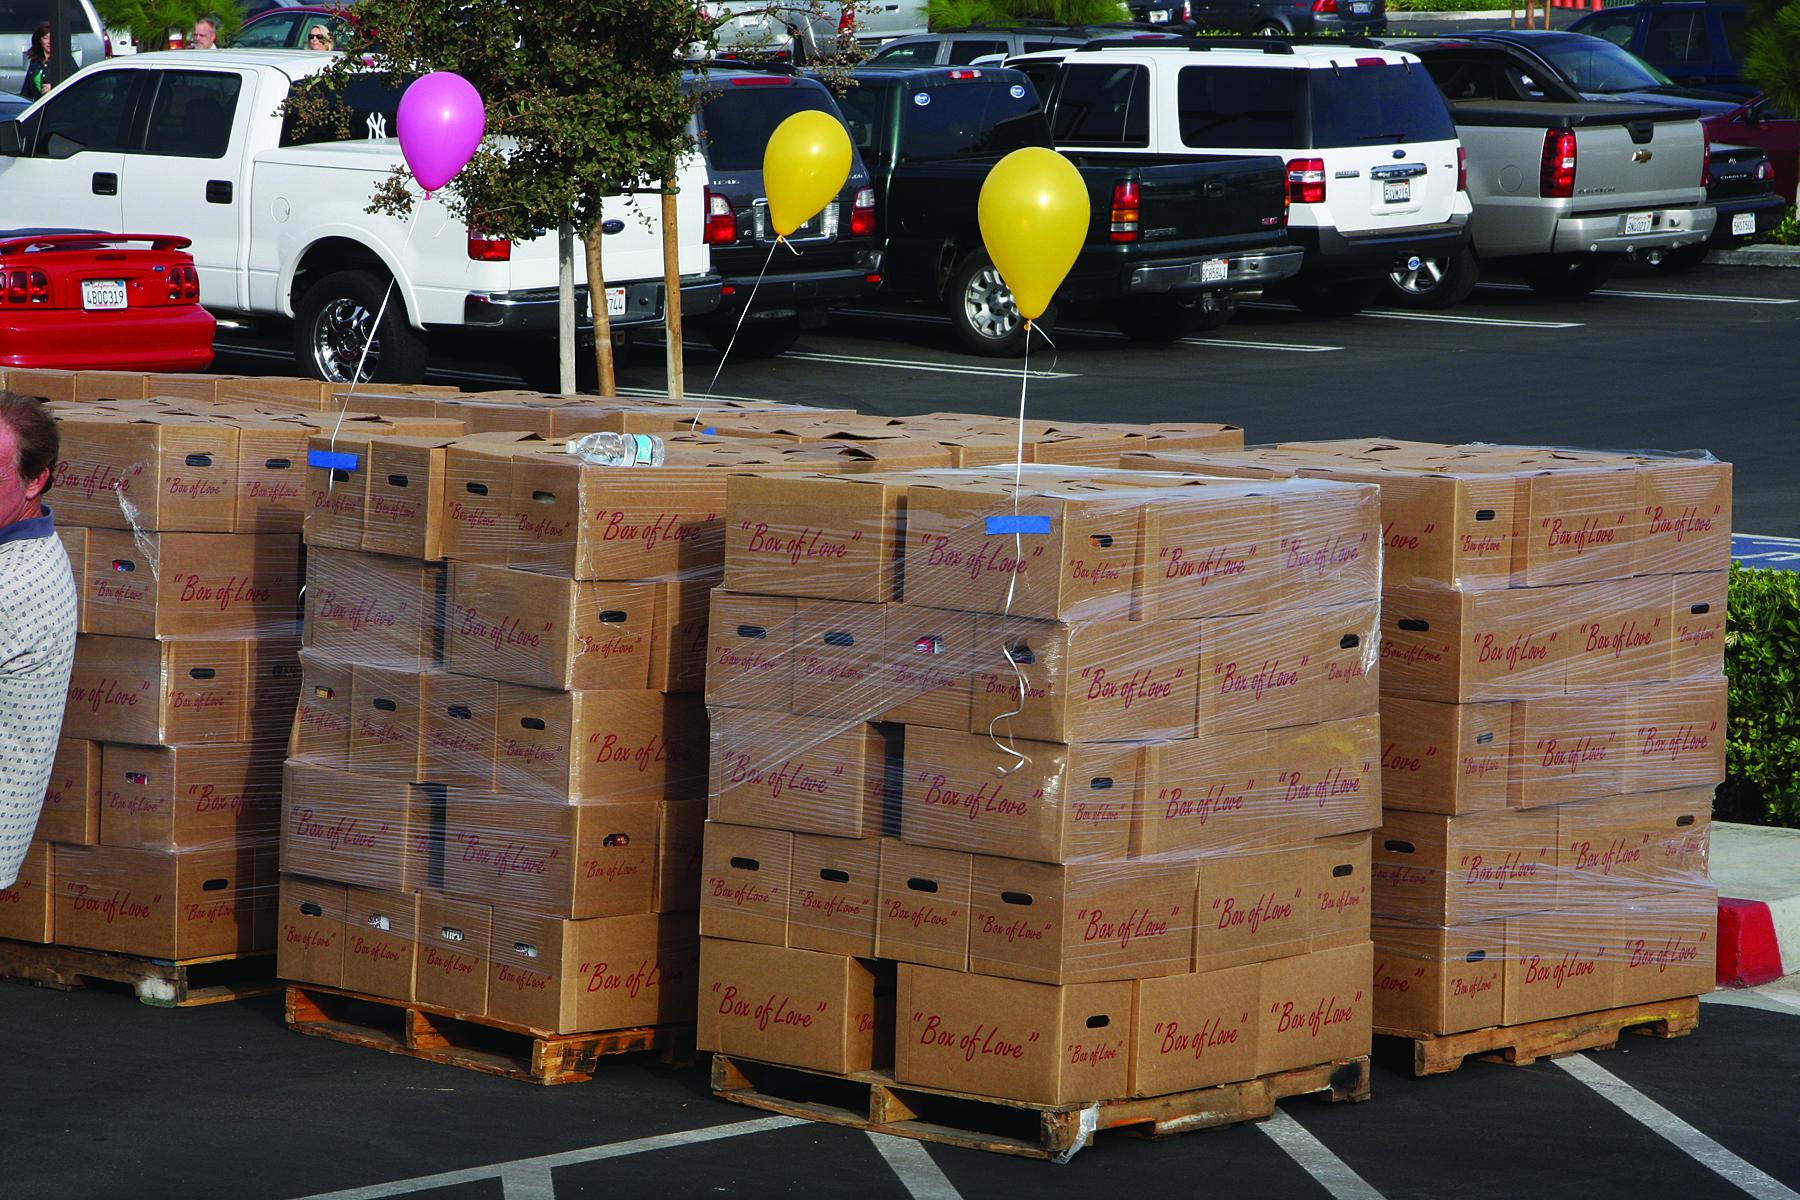 The boxes get pallettes